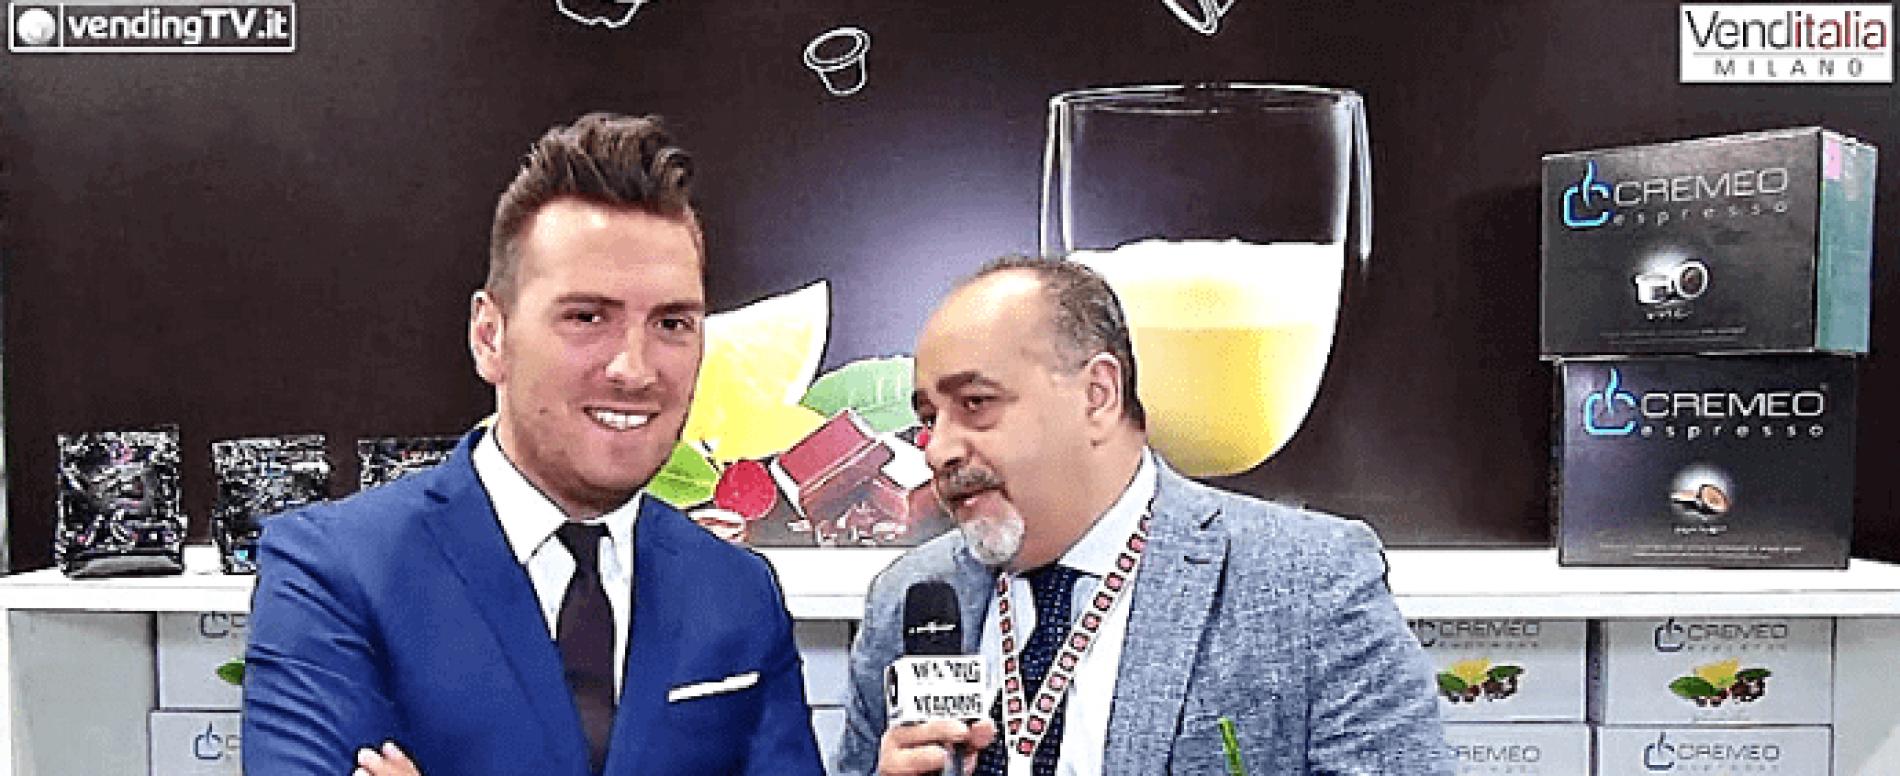 Venditalia 2018. Intervista con Giuseppe Trinca di Caffè Cremeo